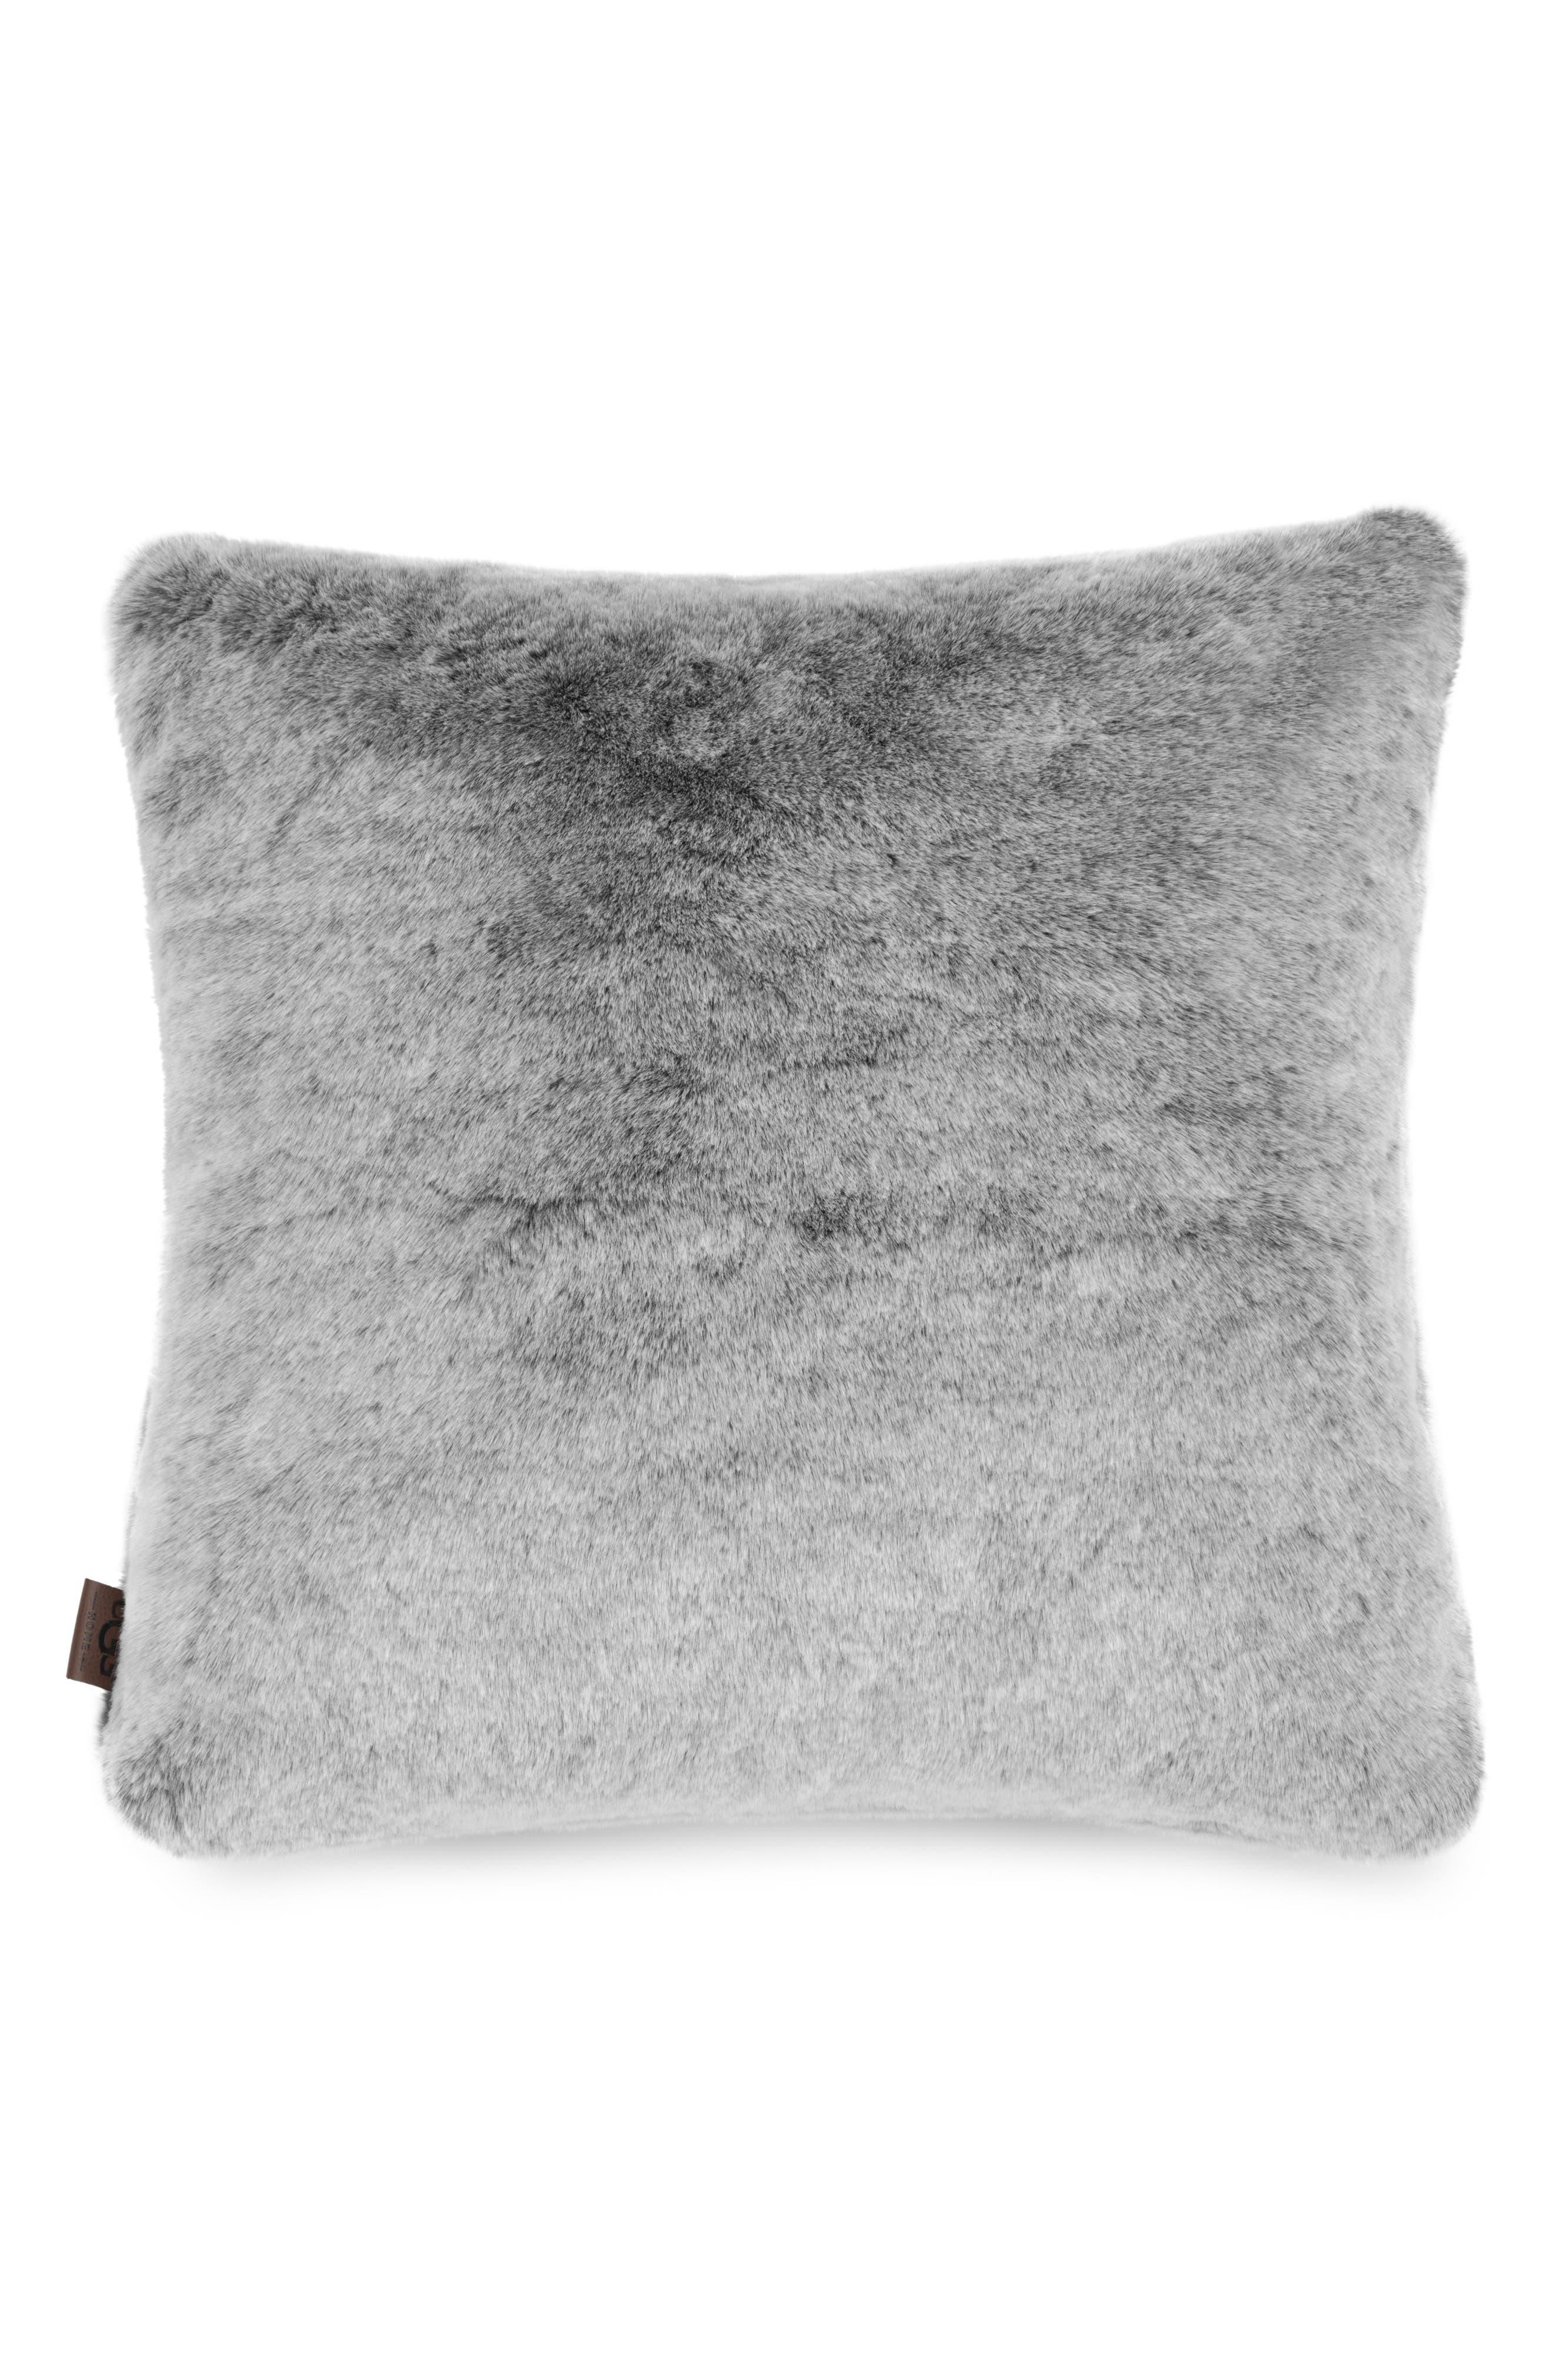 Dream Faux Fur Pillow,                             Main thumbnail 1, color,                             020